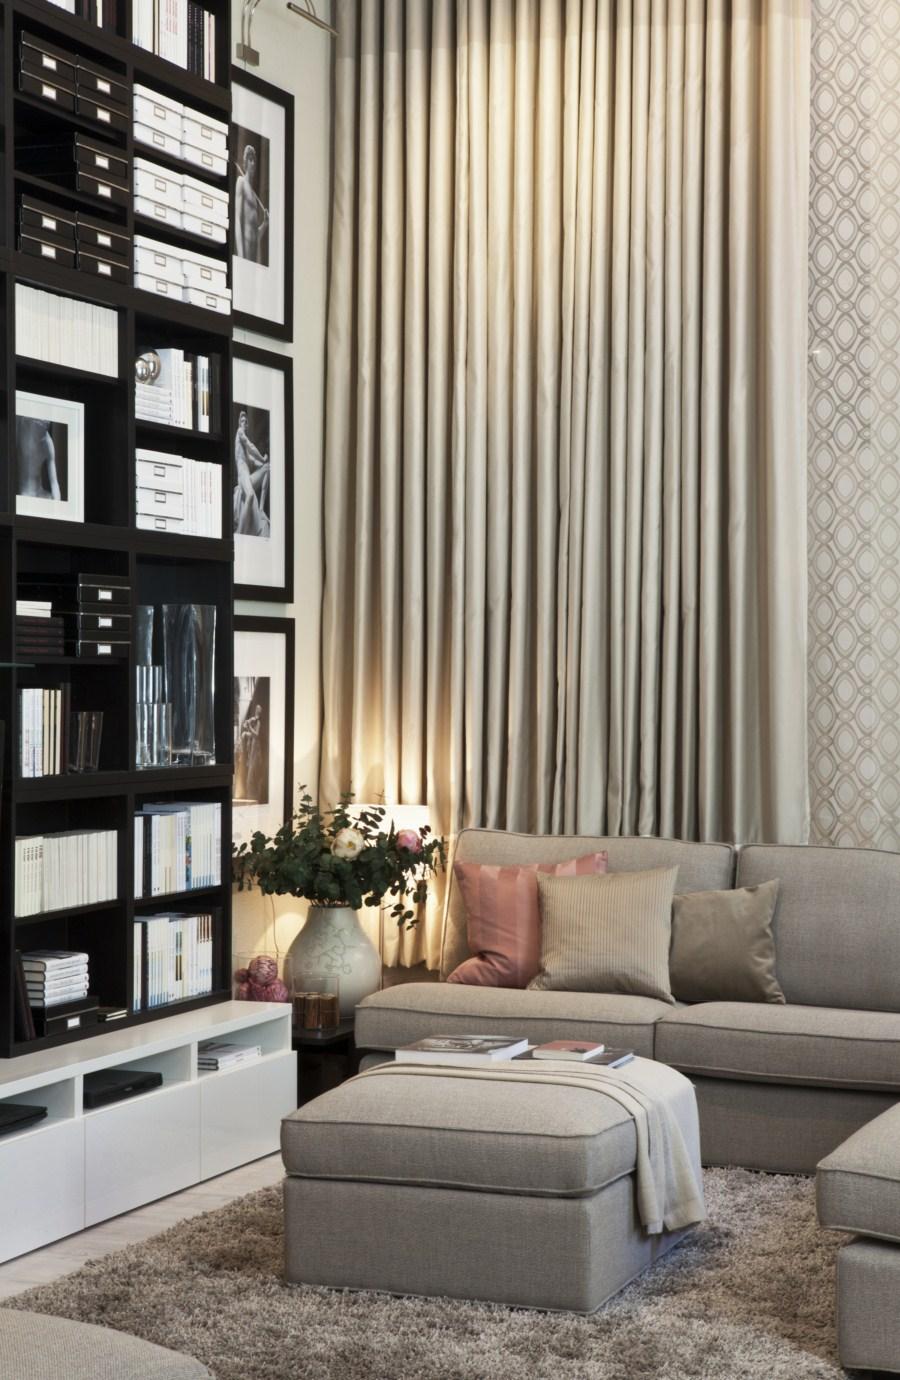 Muebles de saln armarios ikea video consejos ikea 31 for Armarios para salon